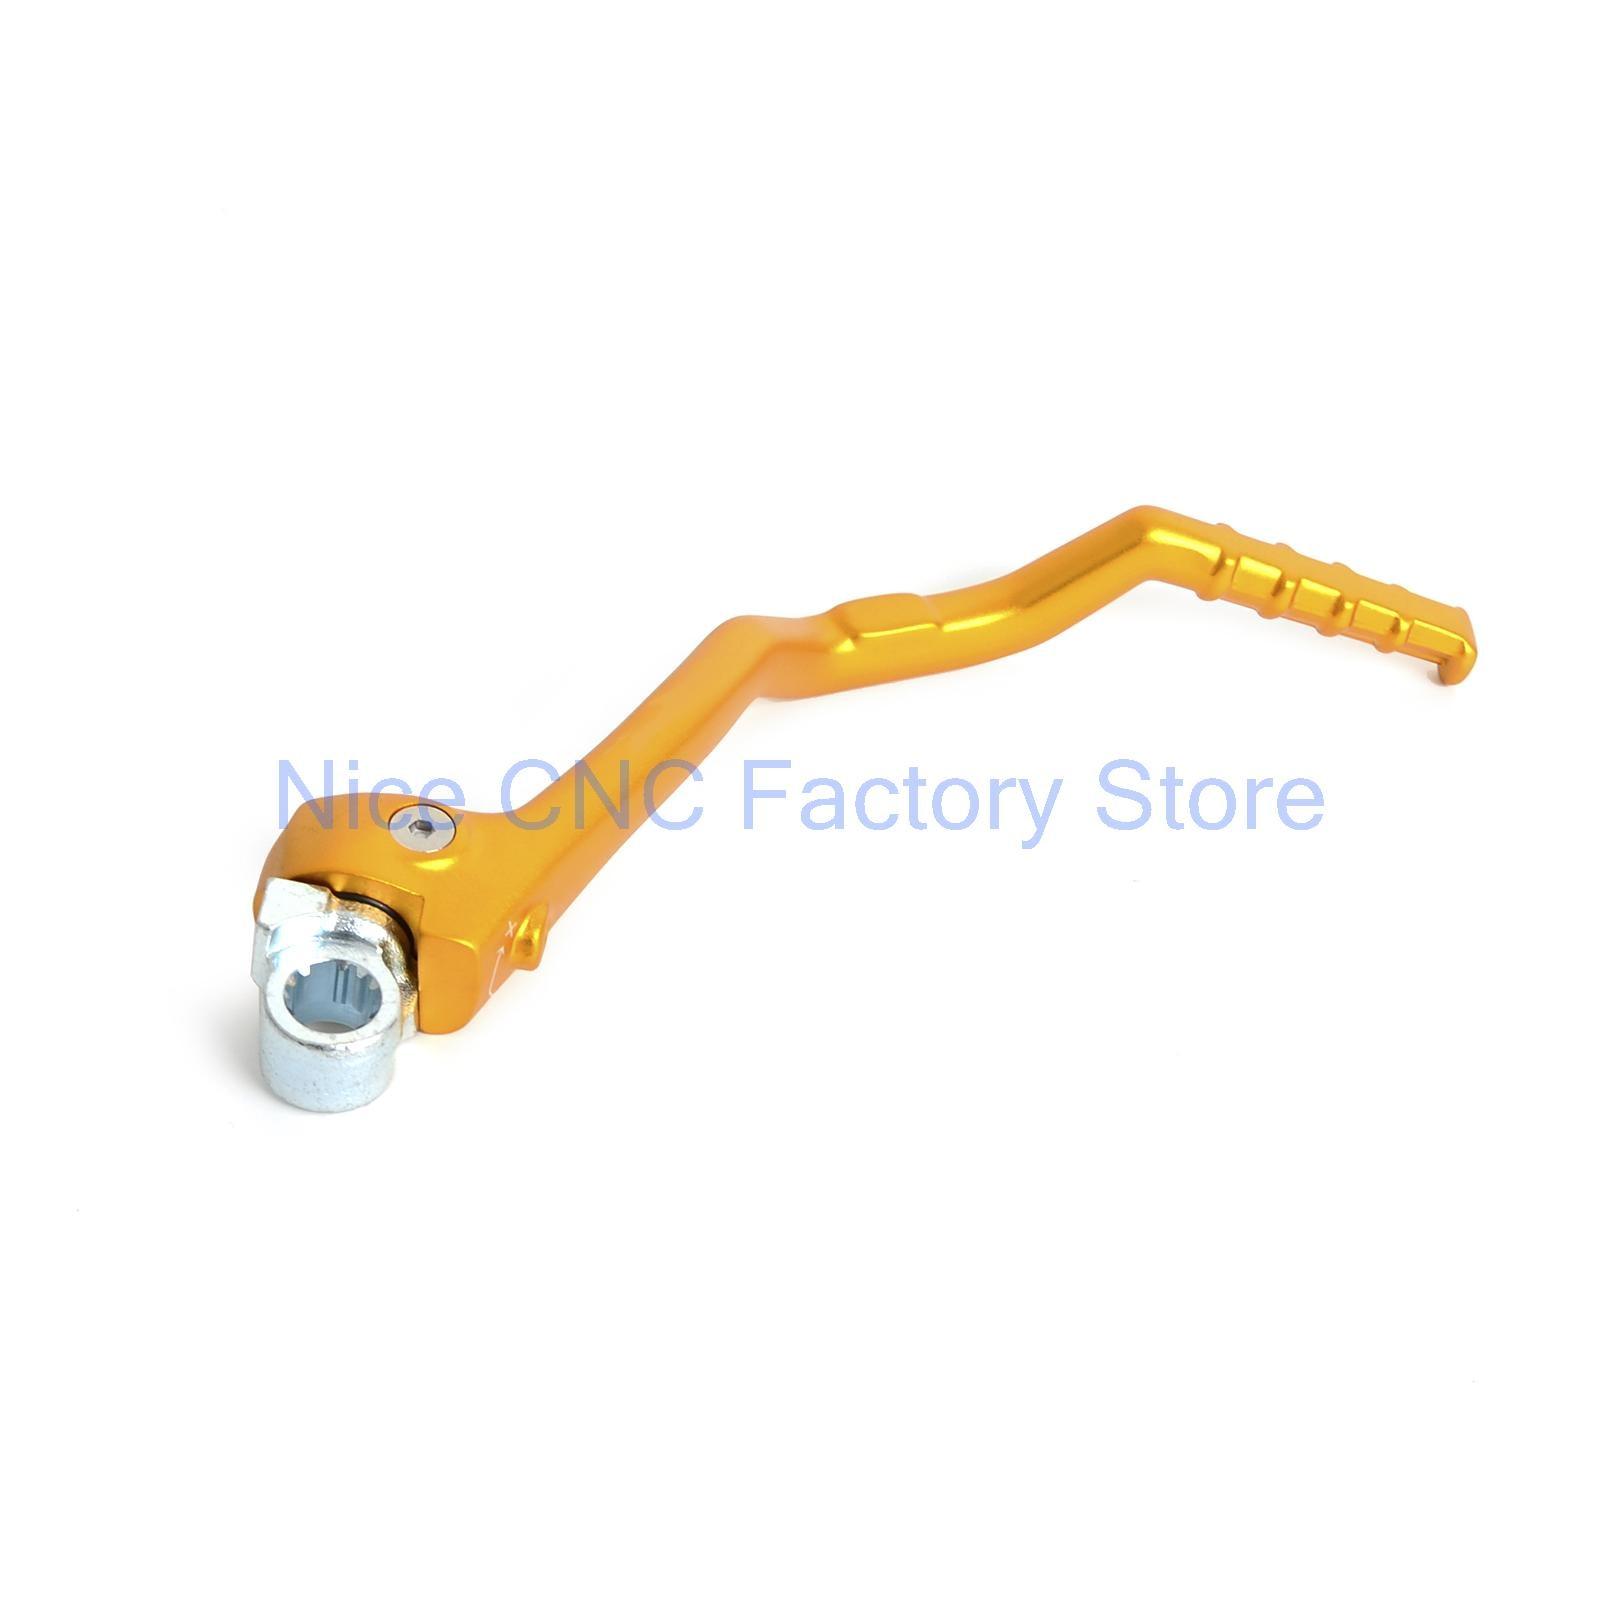 Anodized forged kick start lever for suzuki rmz250 2011 2015 2012 2013 2014 rm